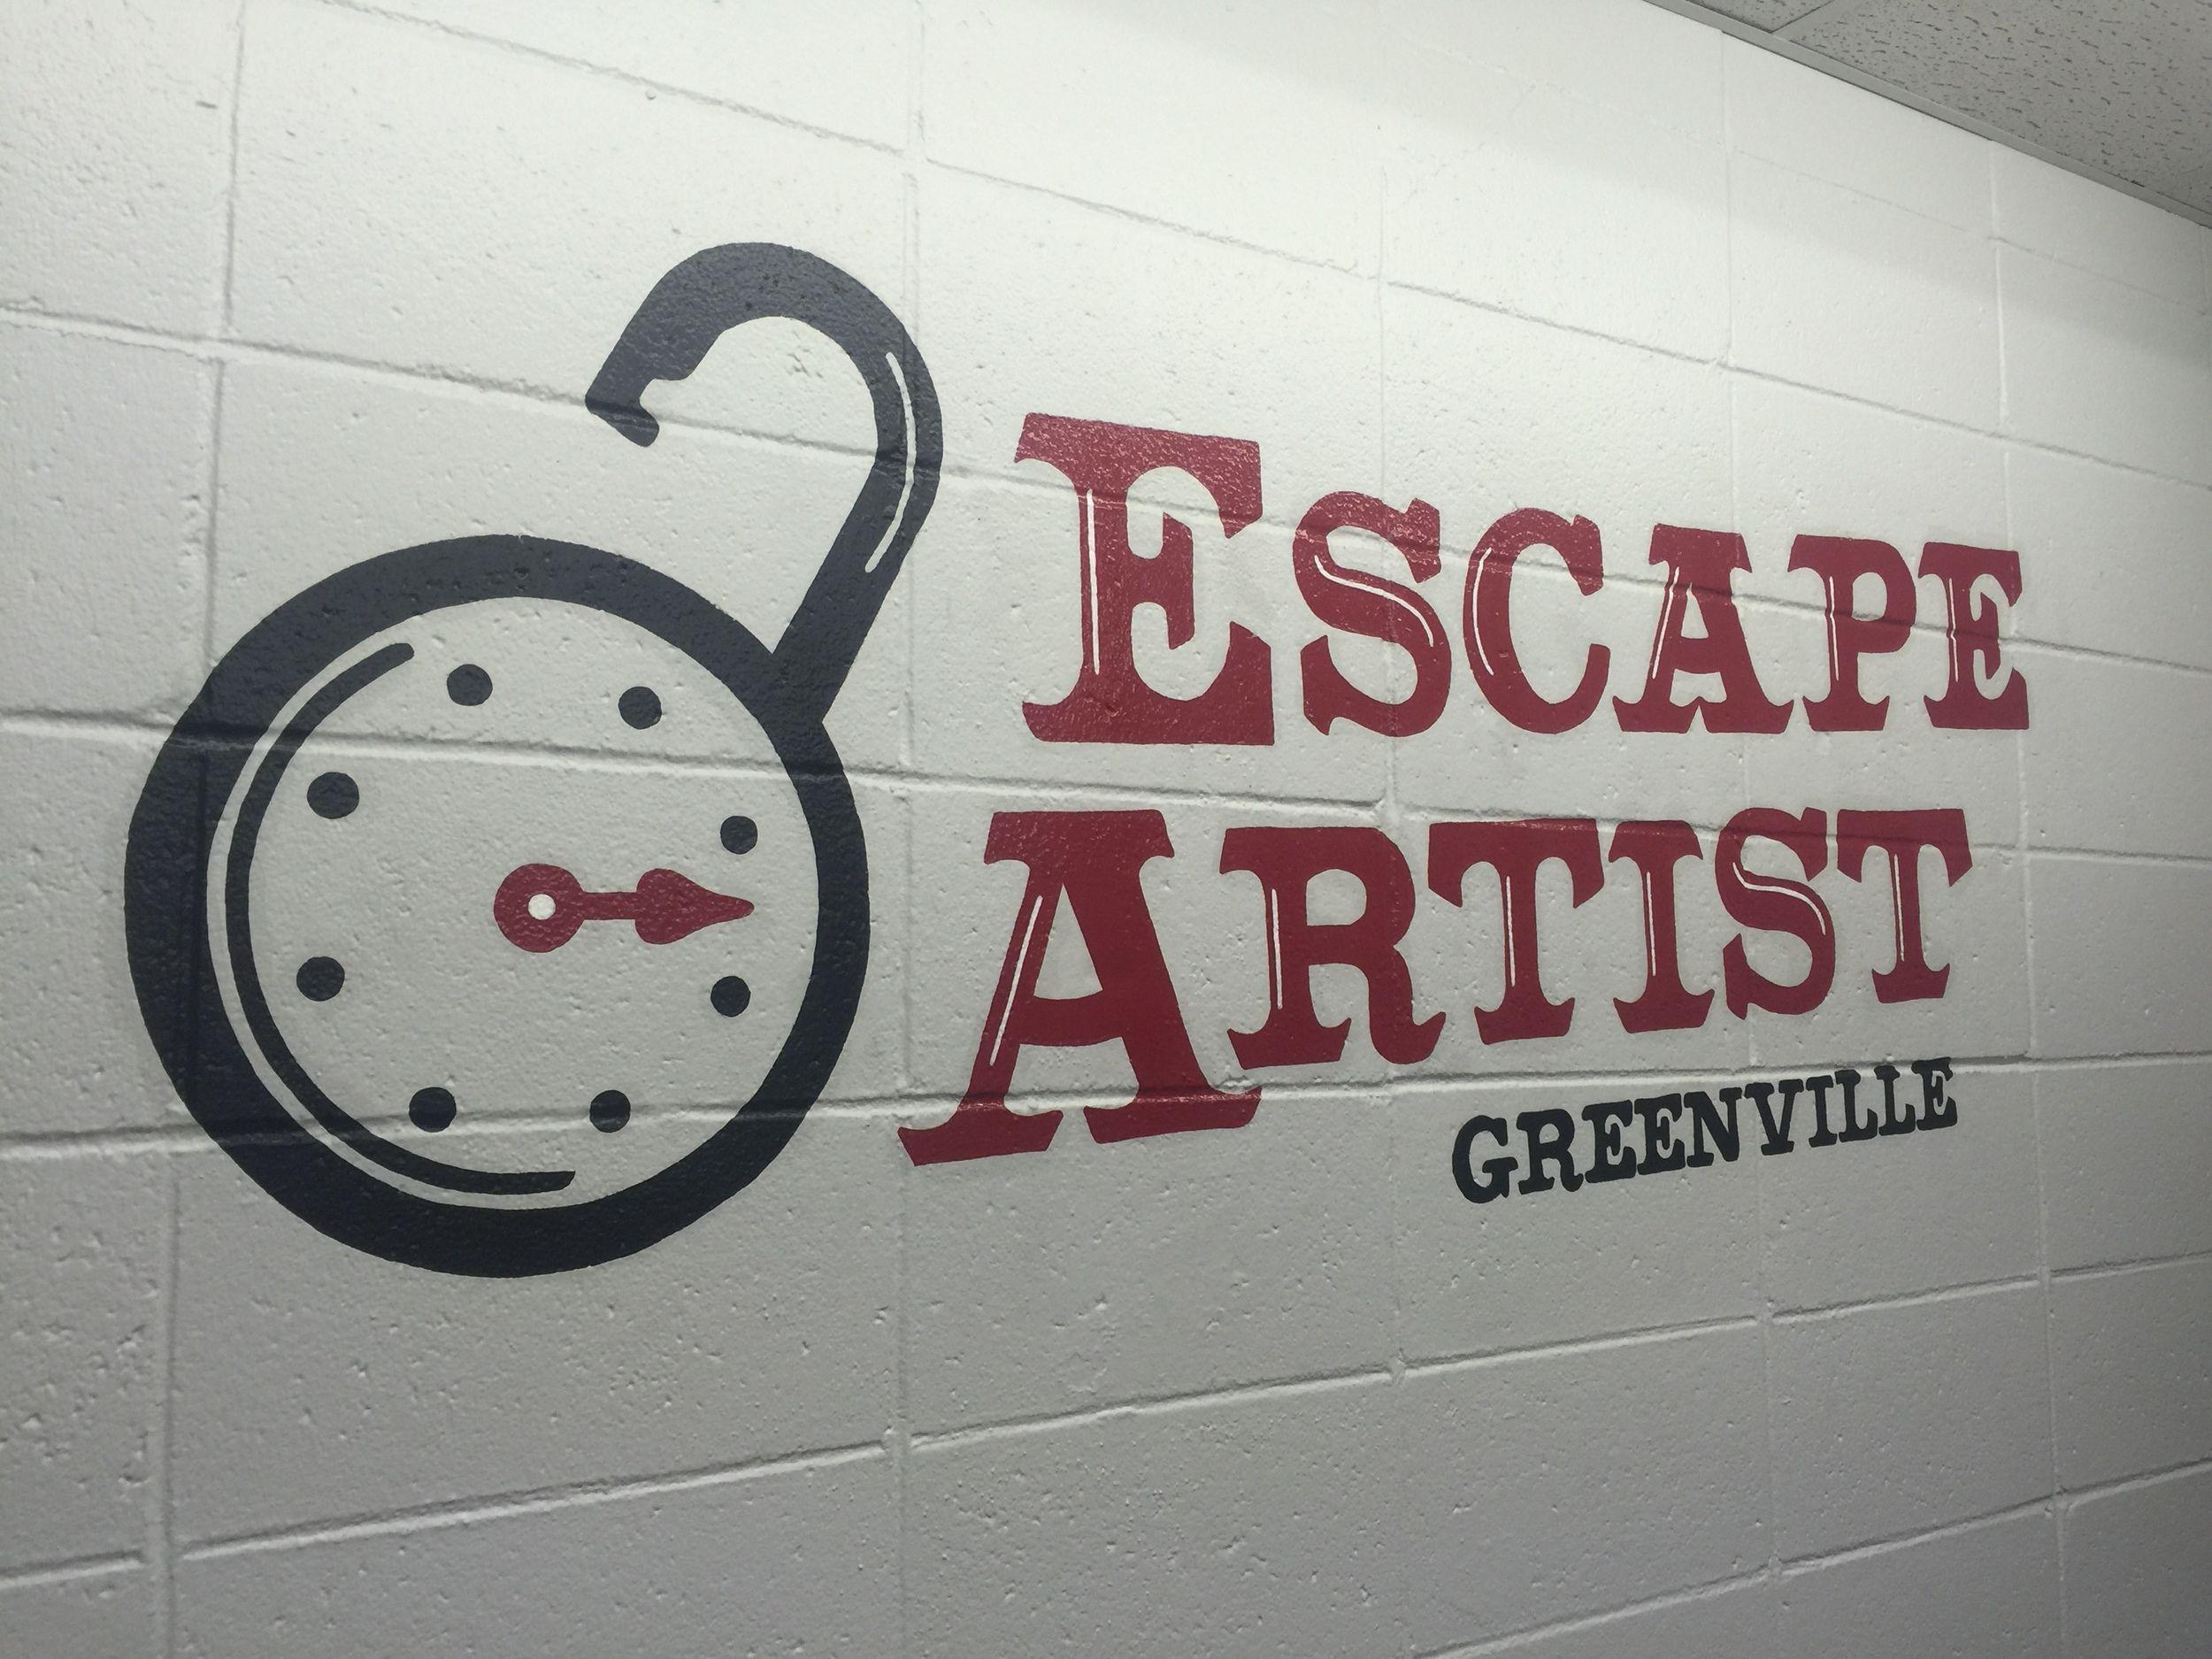 Escape artist greenville greenville neon signs